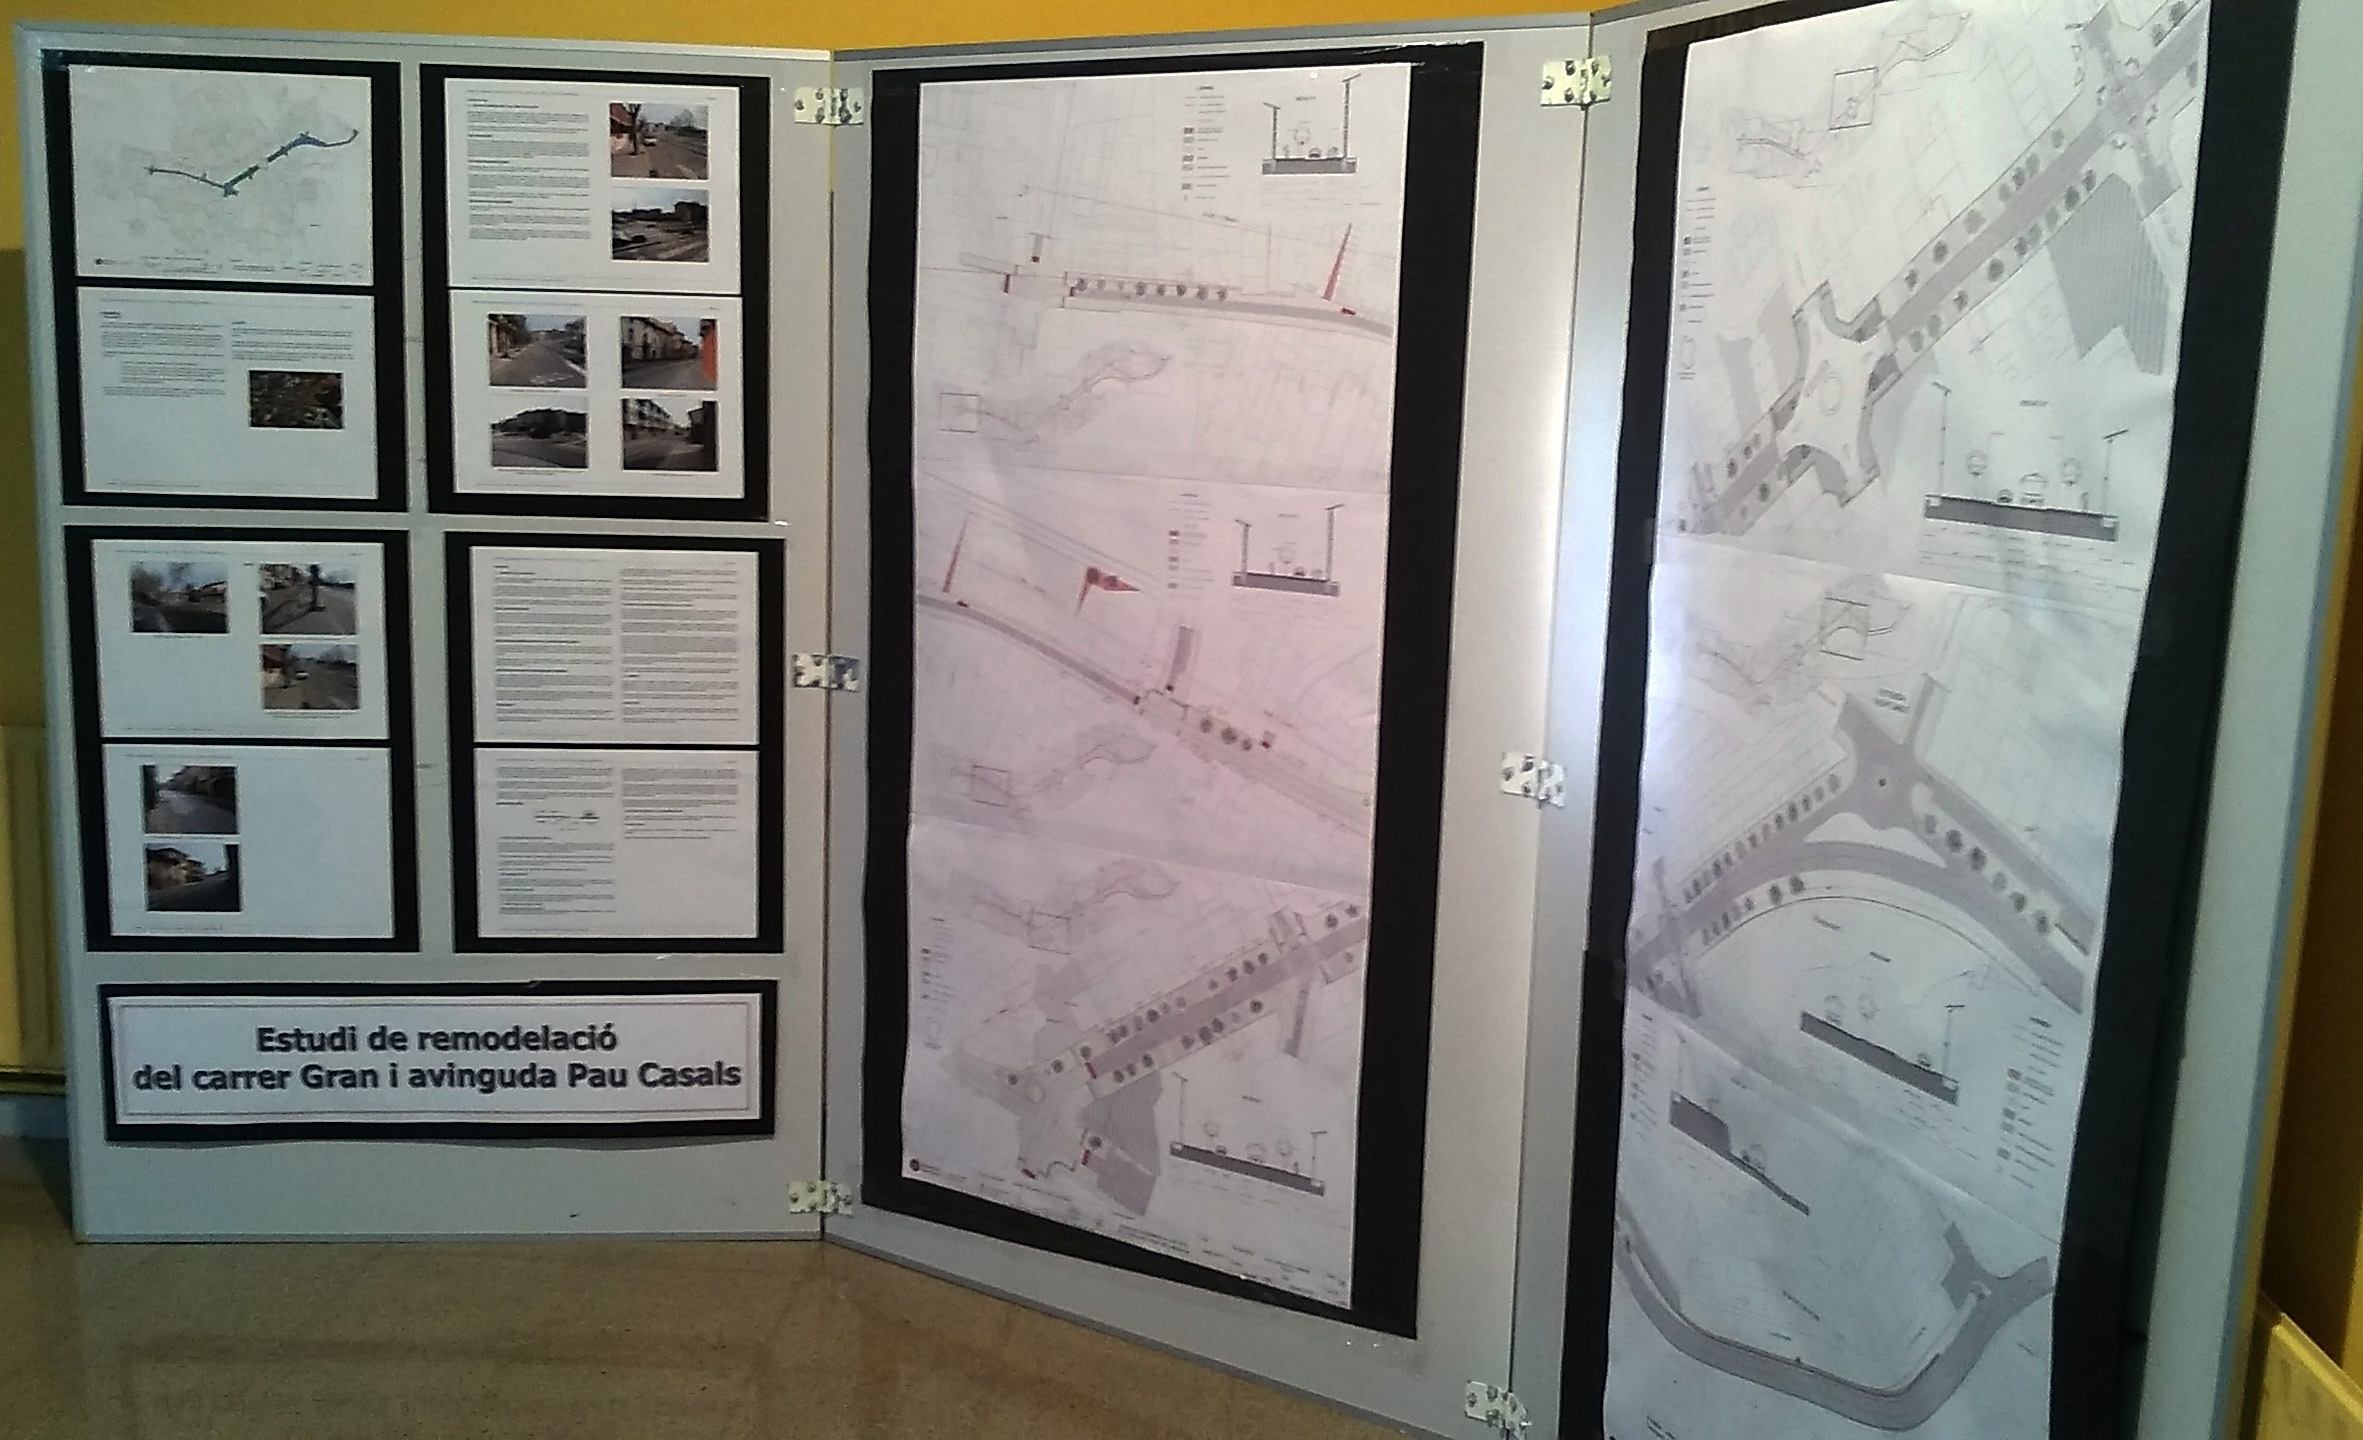 Exposició de l'Estudi de remodelació de la N141D al vestíbul de l'Ajuntament de Calldetenes